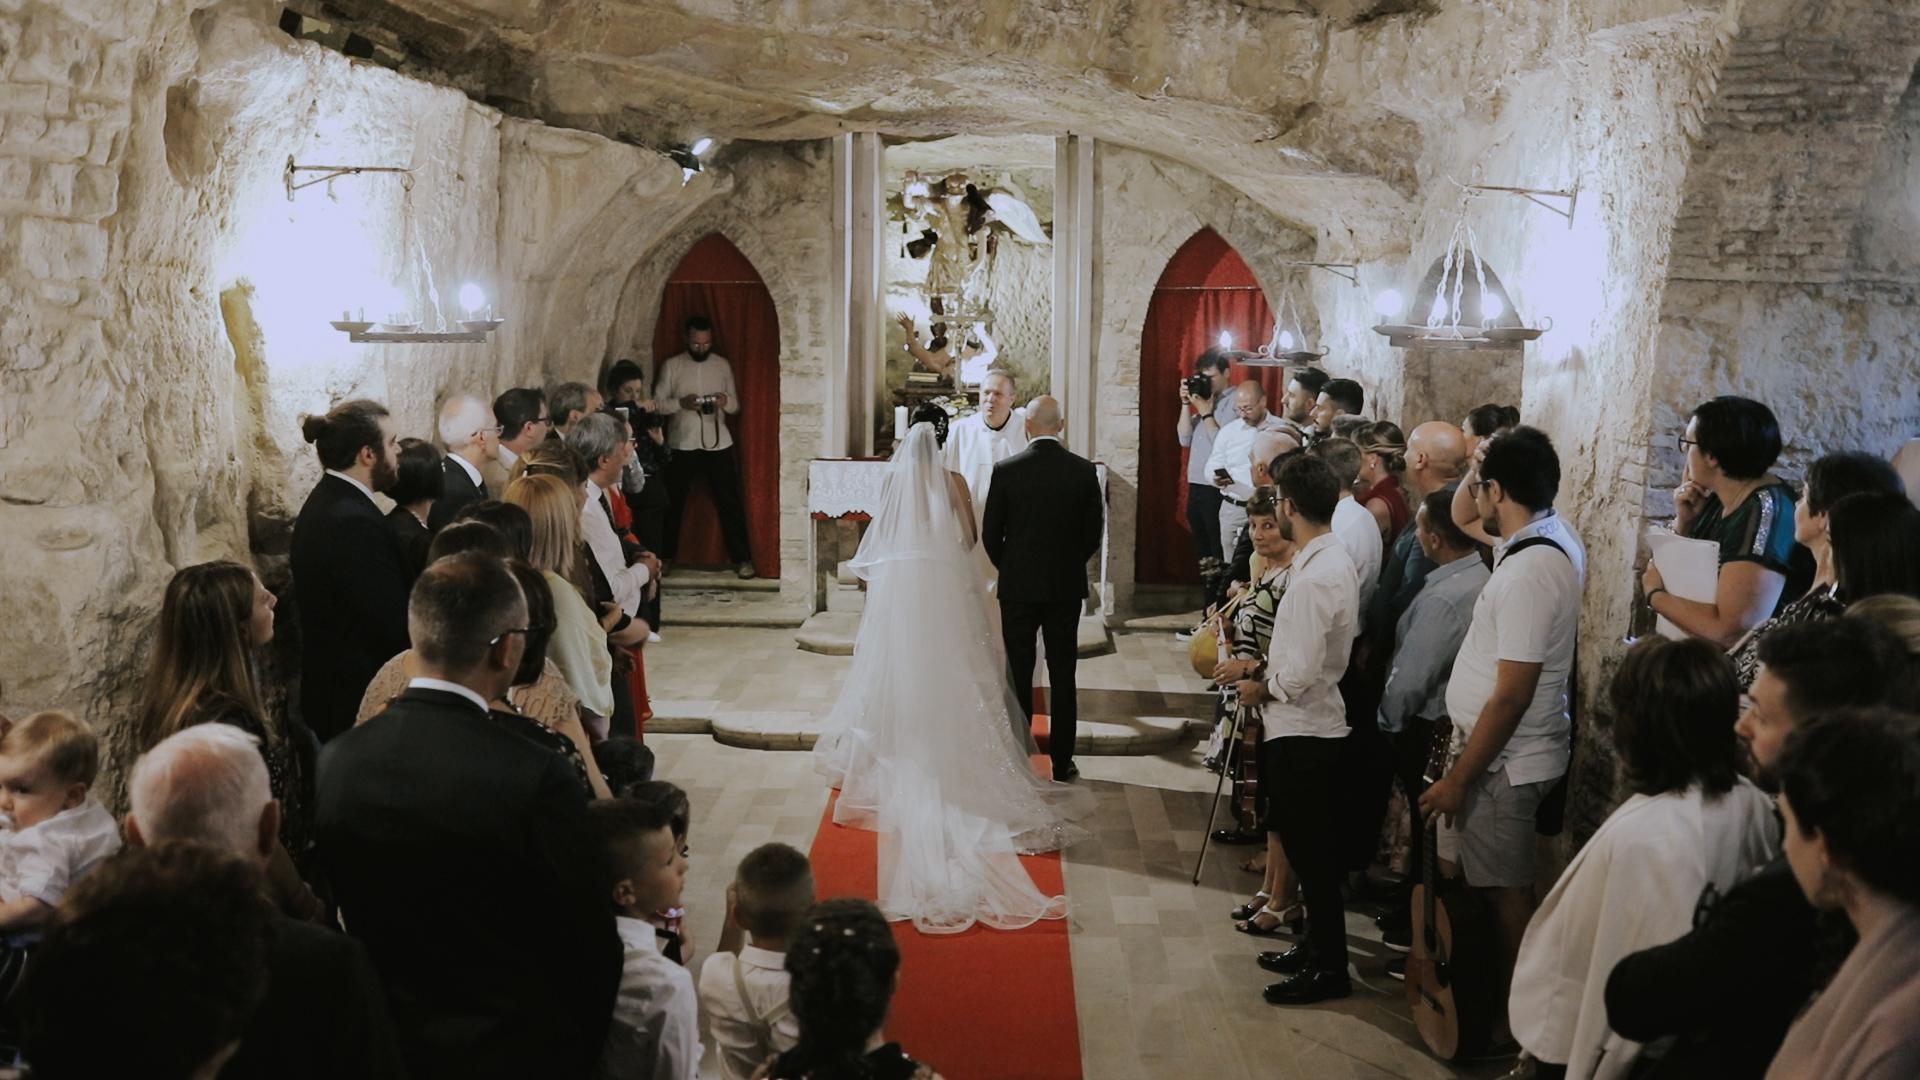 FILM.00_02_13_14.Immagine008 Romantic Wedding